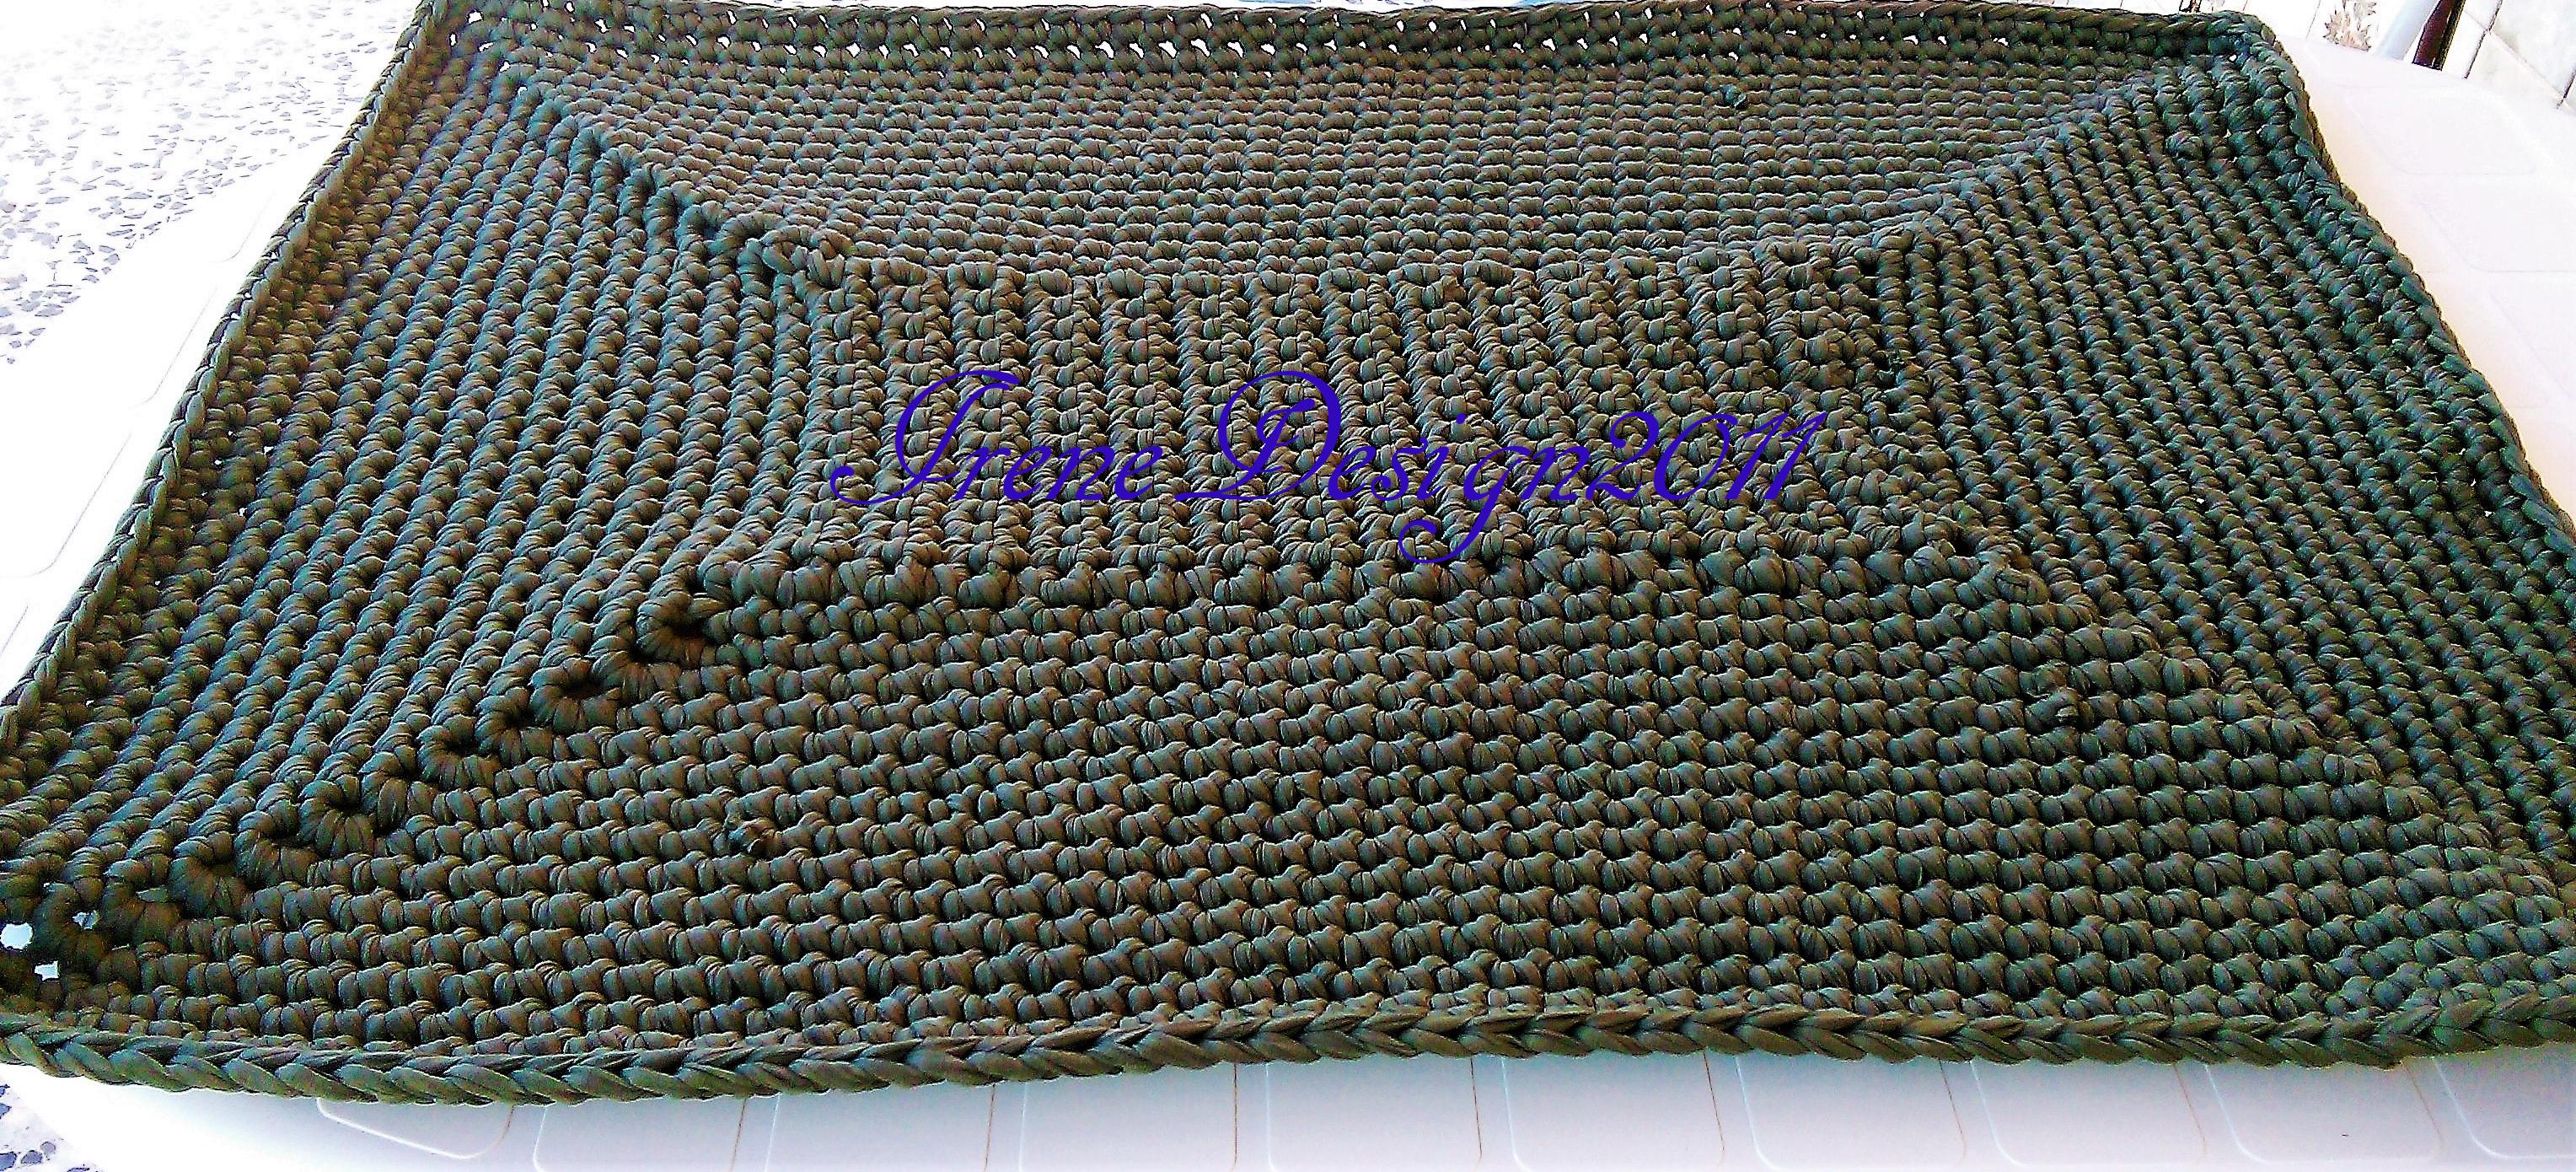 Odins blanket